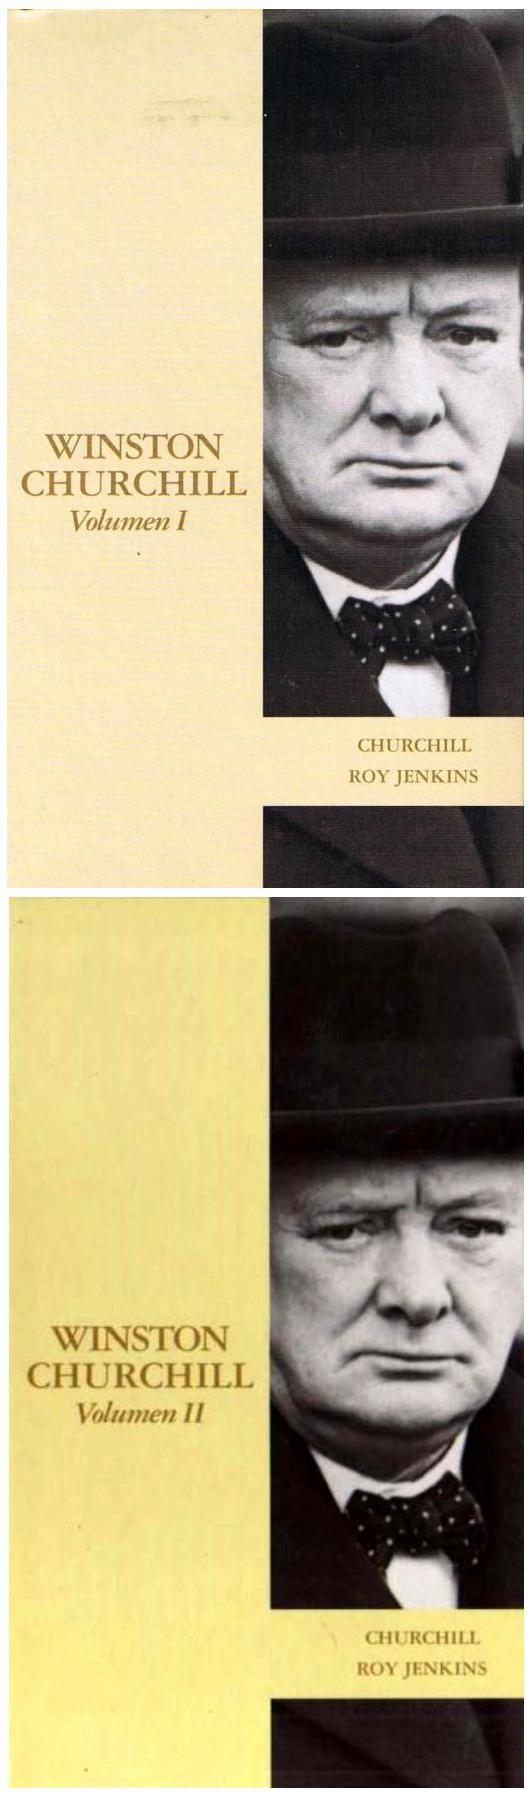 JENKINS, Roy. Winston Churchill. Diario ABC, S.L. 2003. Winston Churchill constituye sin duda uno de los principales iconos de la historia moderna. Fue el primer ministro más celebrado del siglo XX gracias a su participación en la Segunda Guerra Mundial, aunque su carrera política duró setenta años...